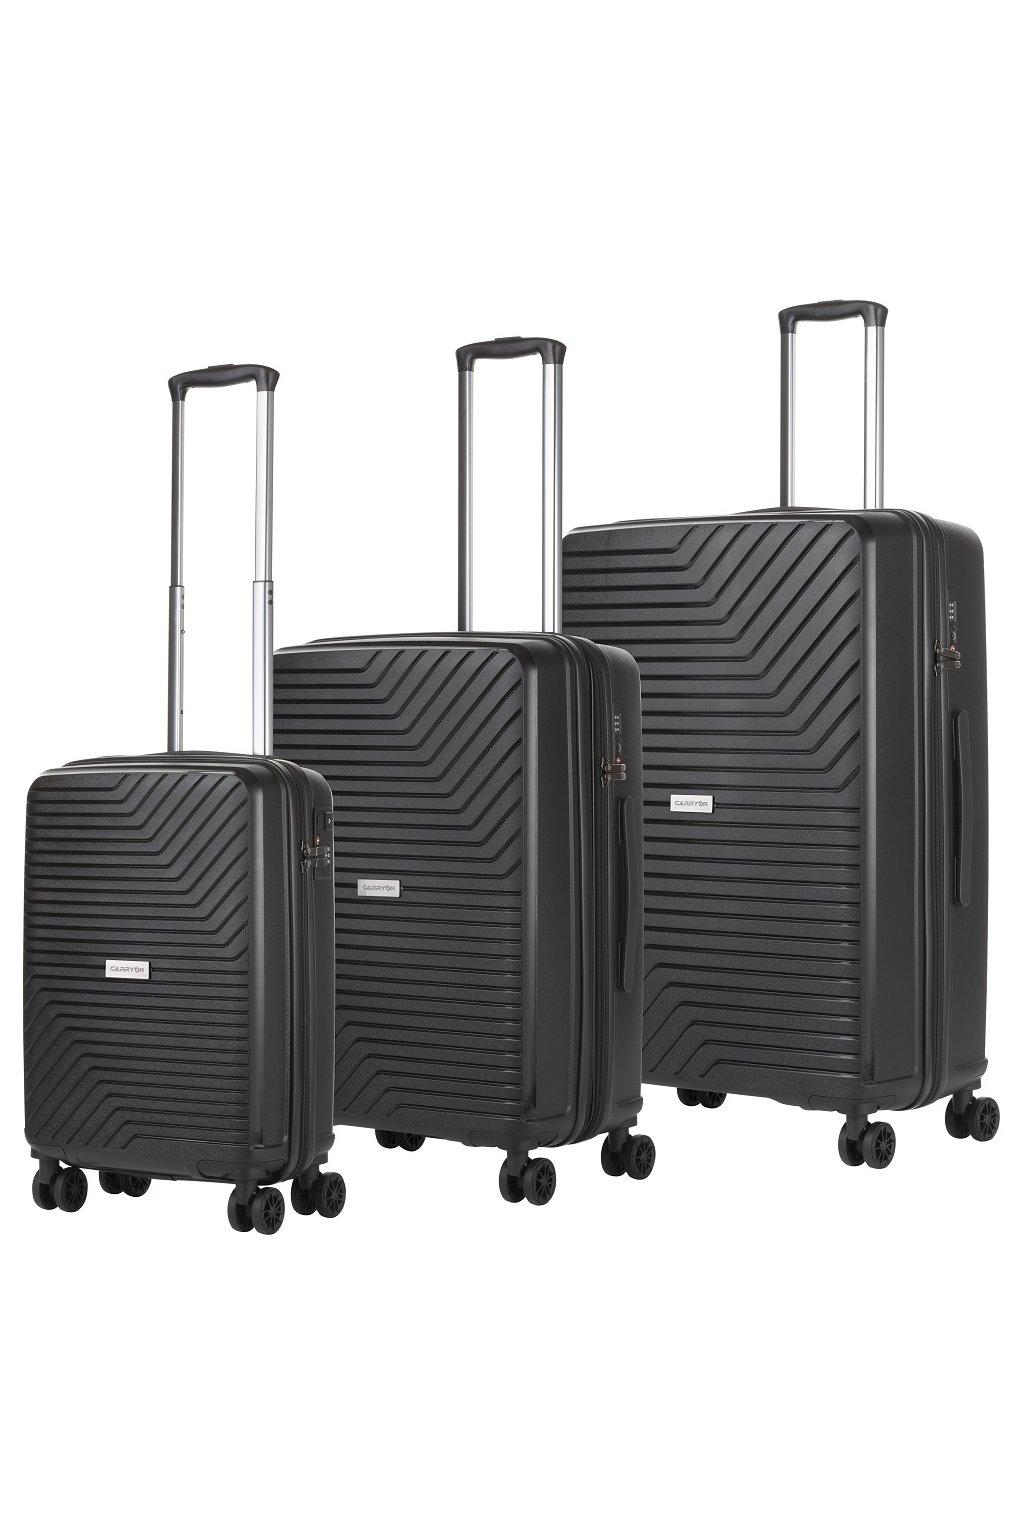 kufrland carryon transport black (2)